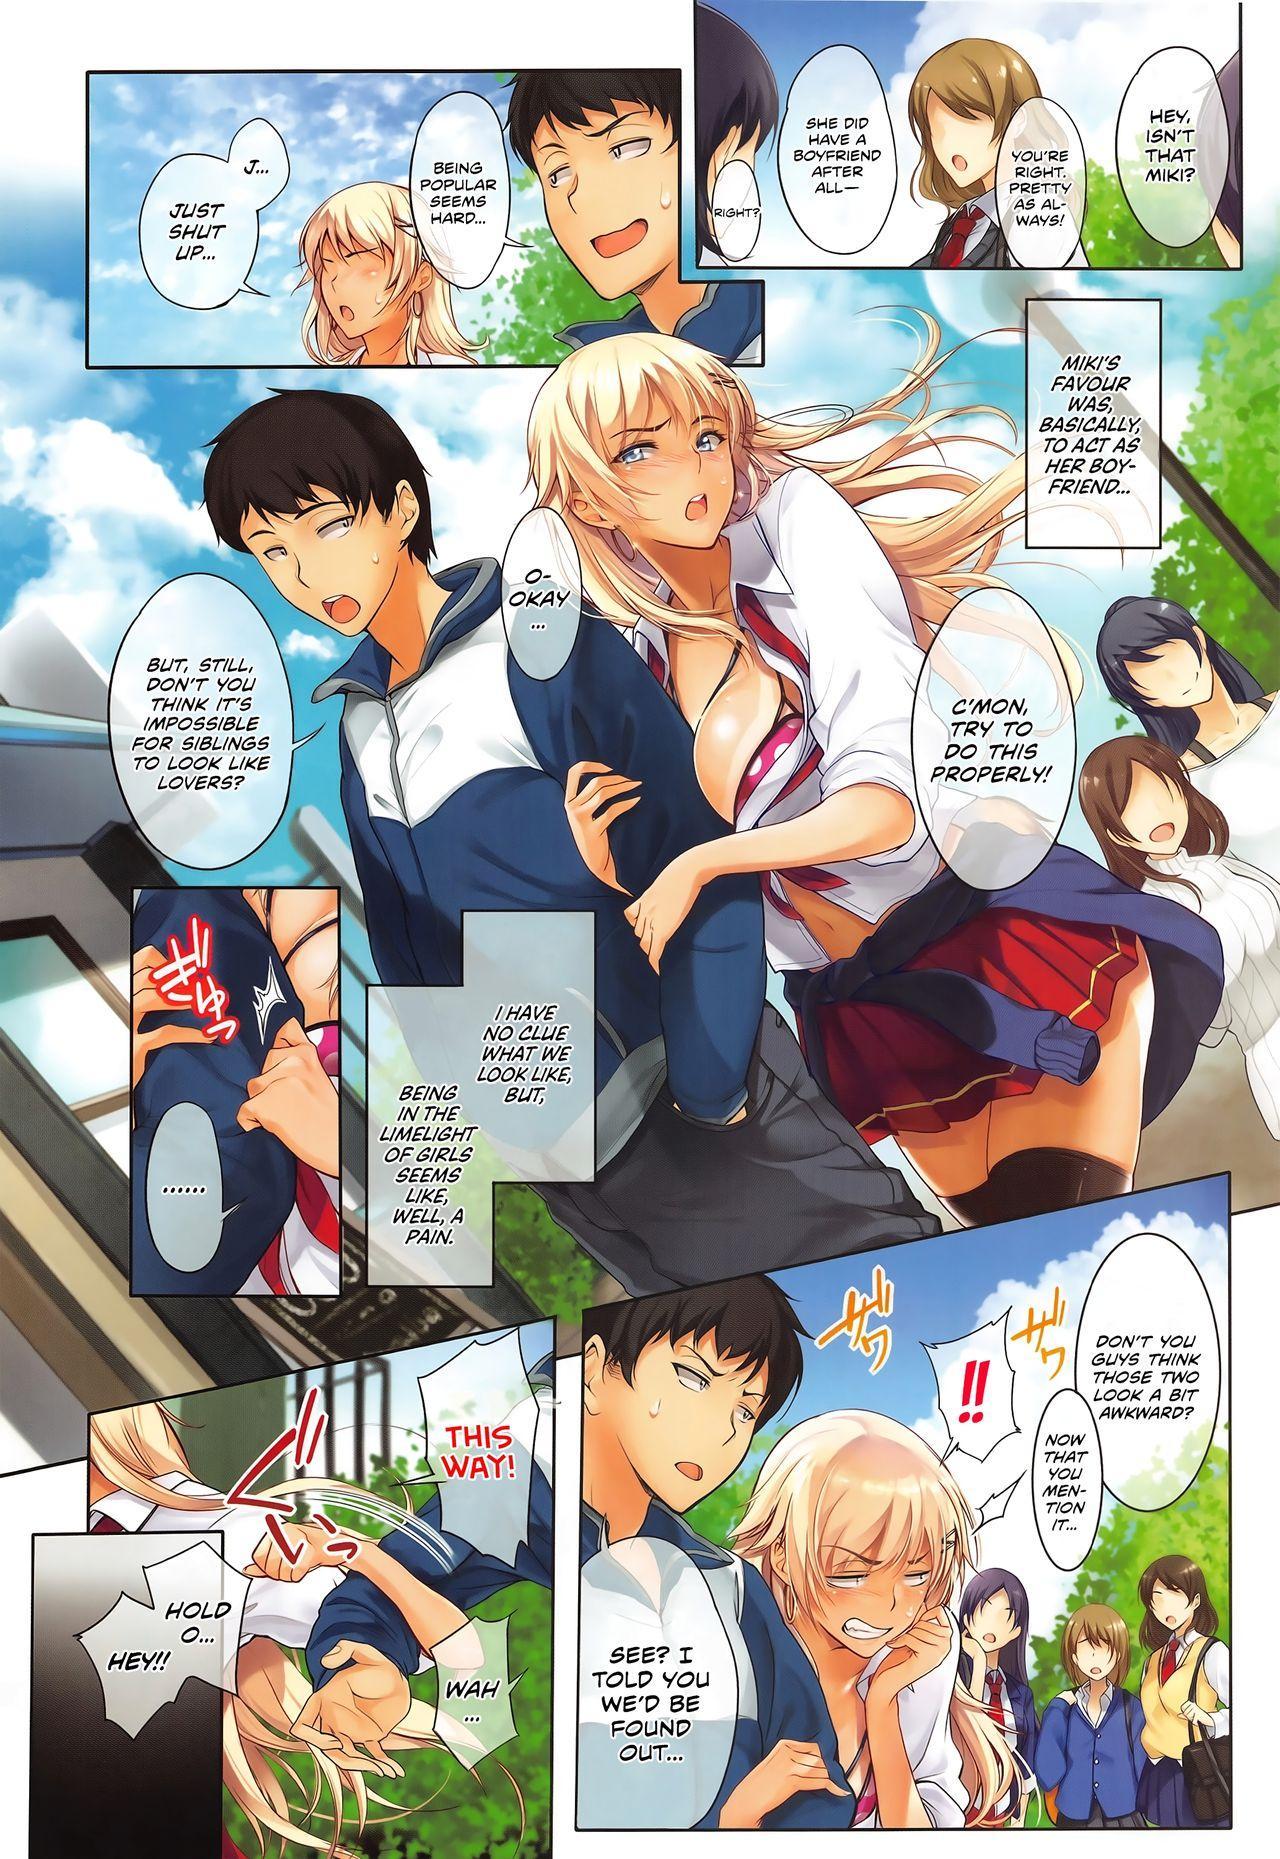 [Warabino Matsuri] Sassy-Sister Complex! 1-3 [English] [Team Koinaka] [Hennojin] 1